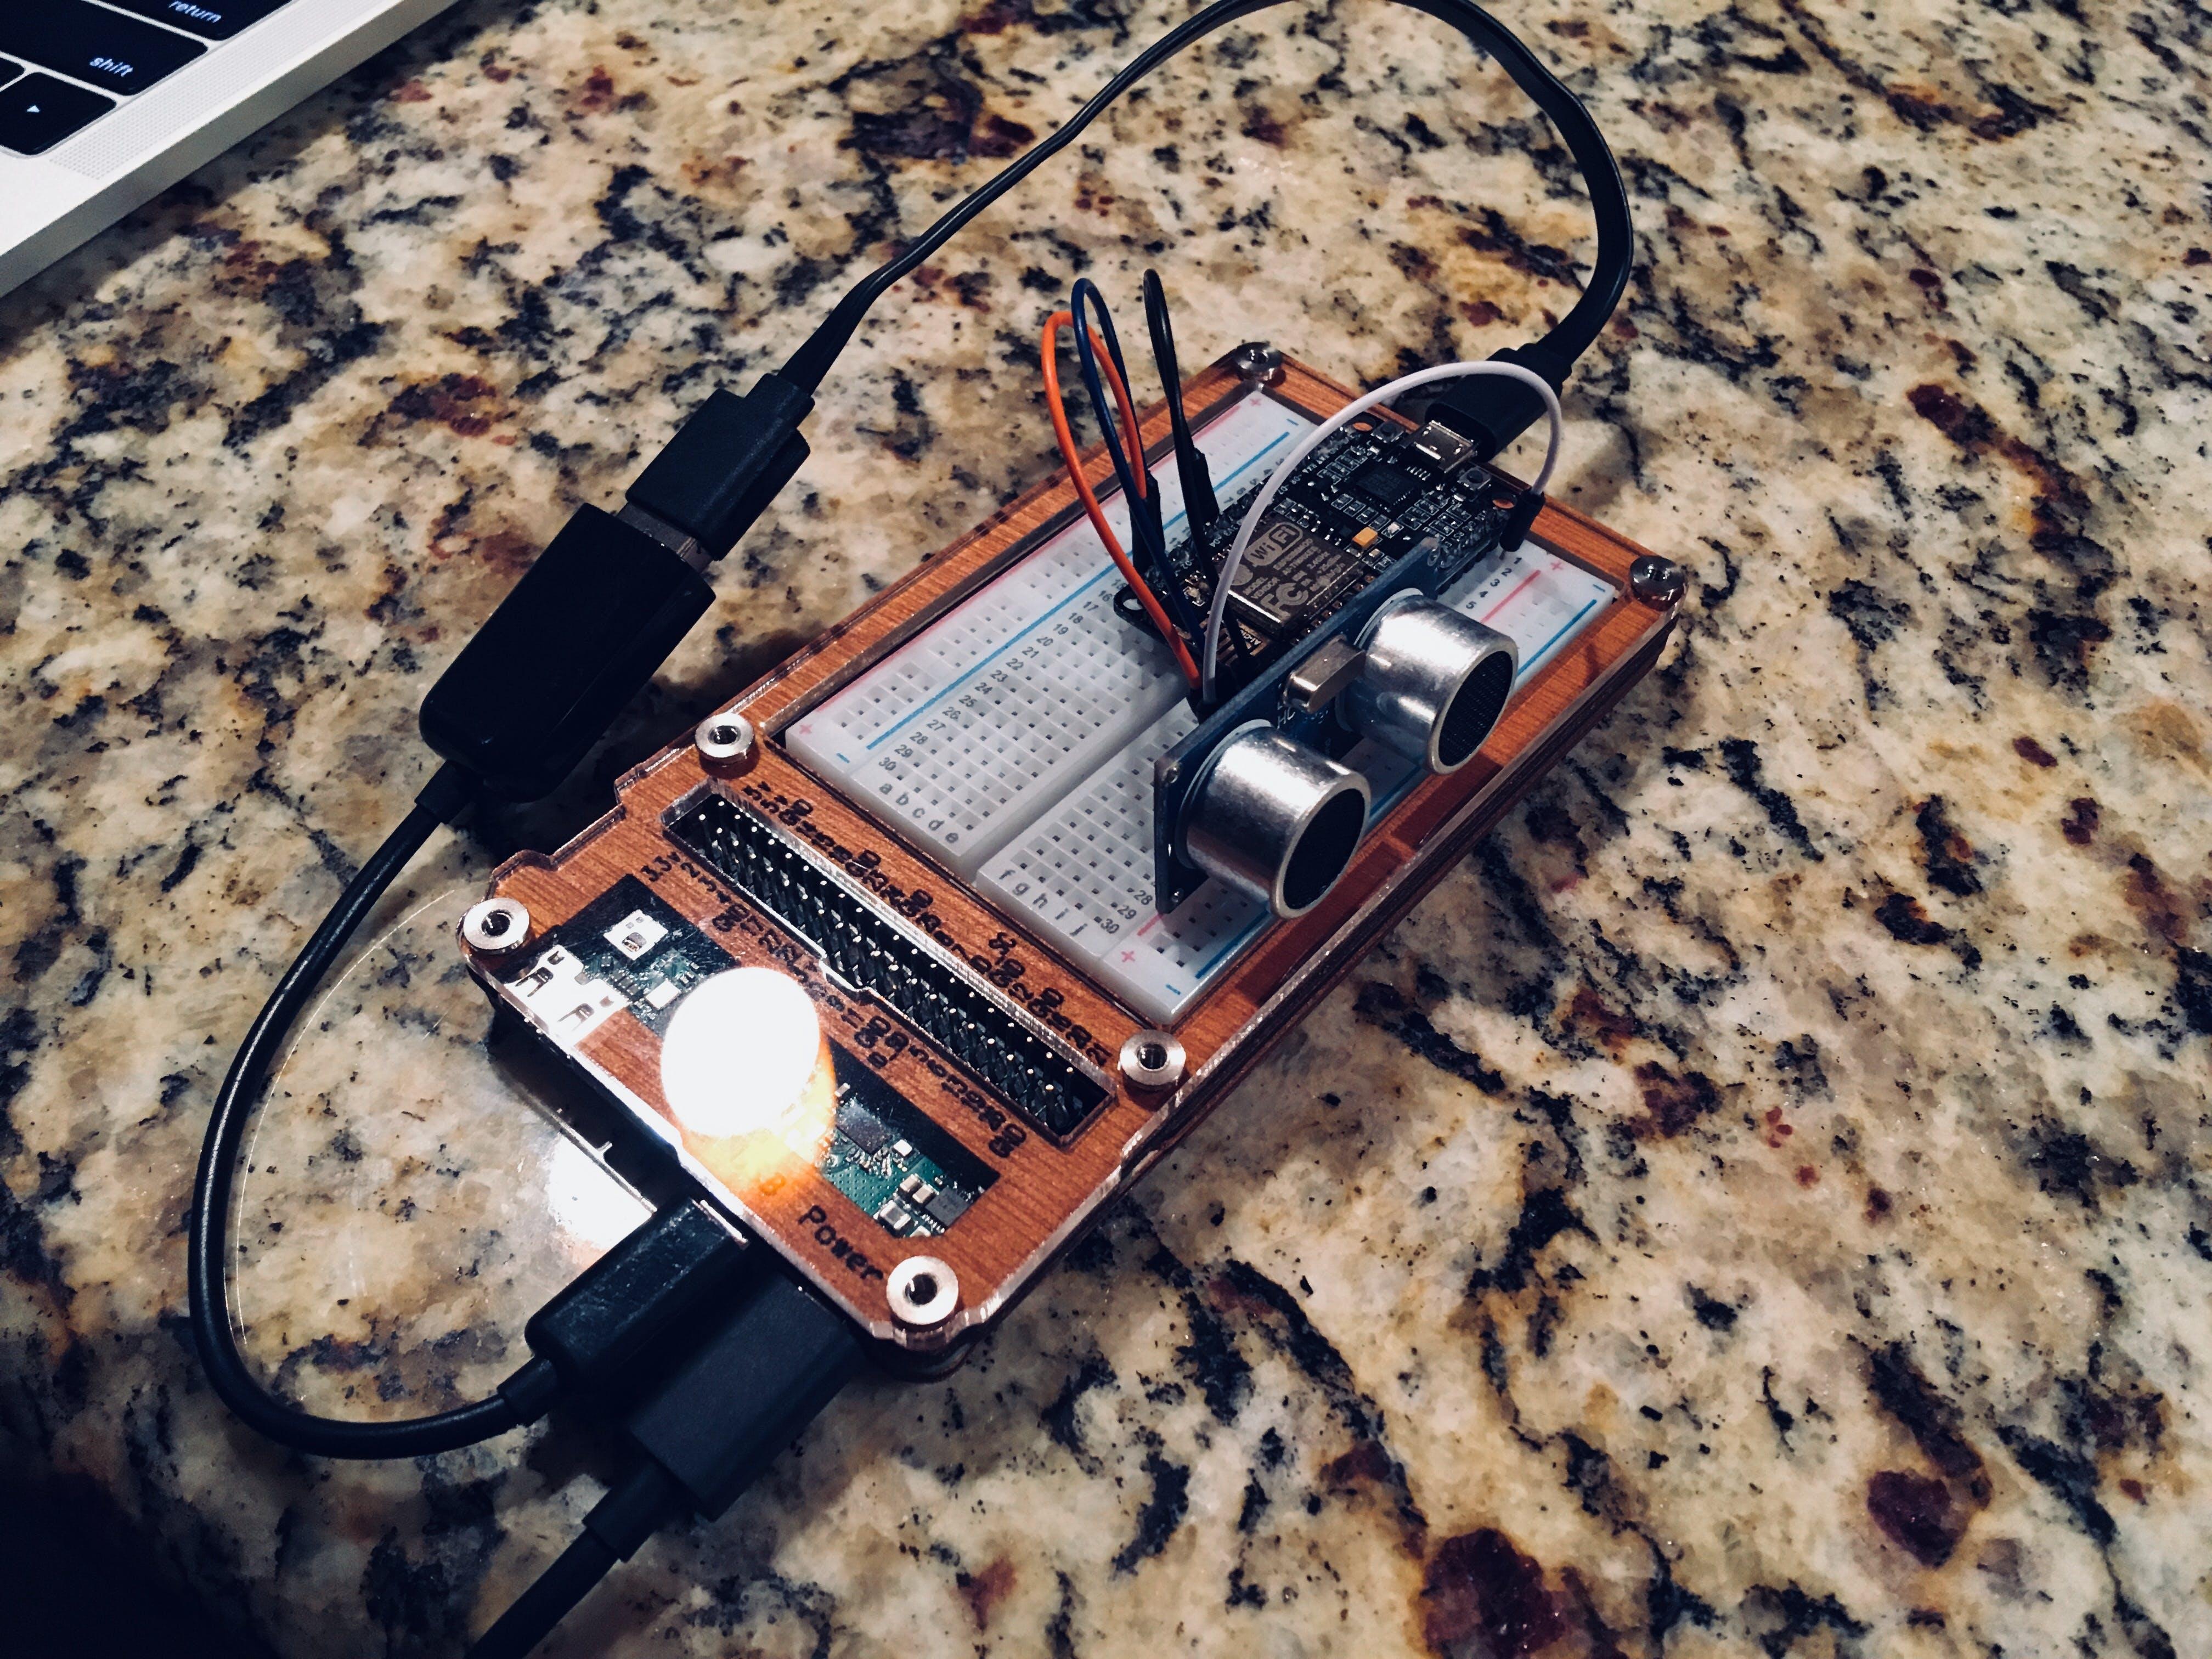 Prototyping the NodeMCU + Ultrasonic Sensor